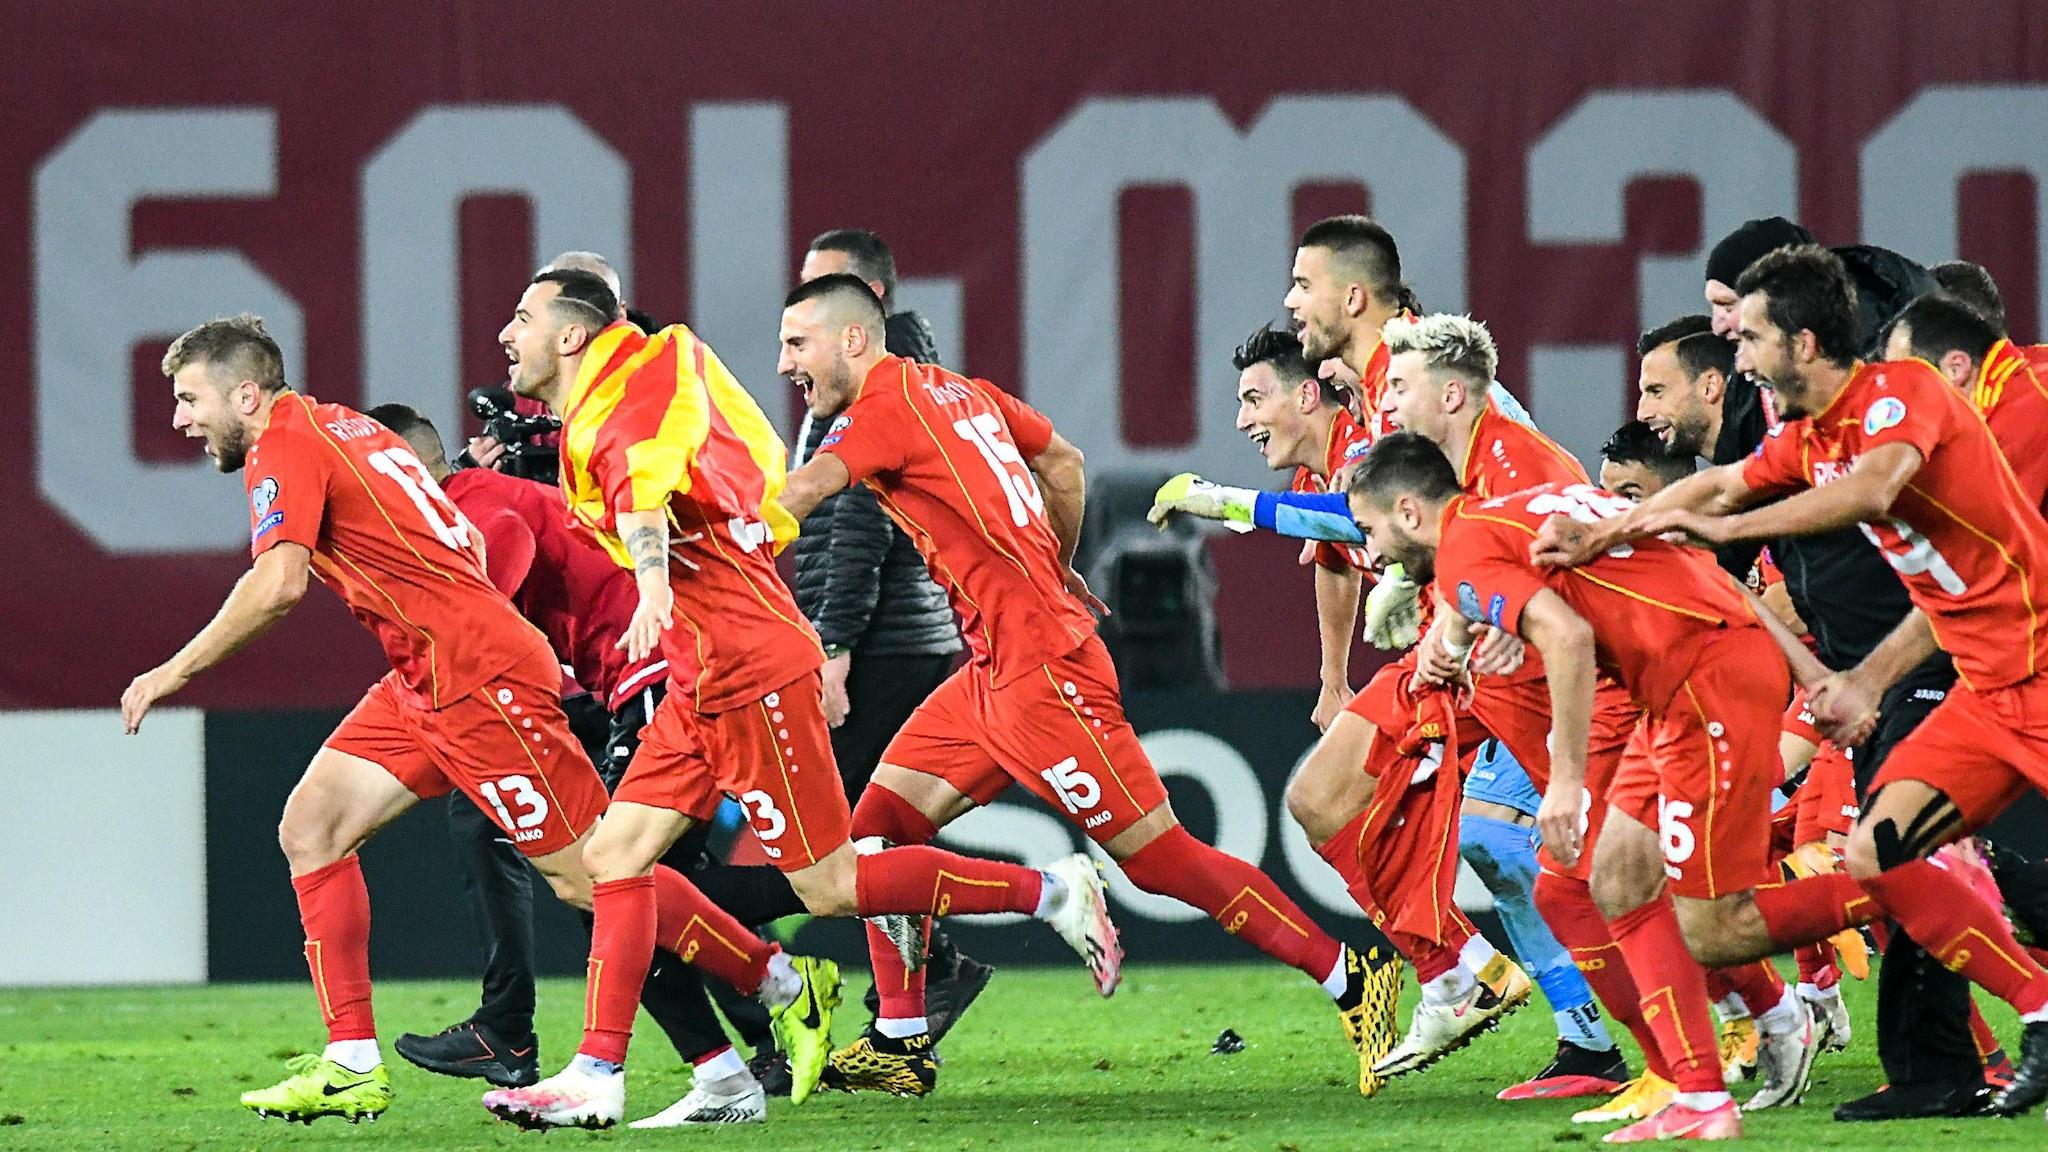 Грузия - Северная Македония 0:1 | ЕВРО-2020 | UEFA.com